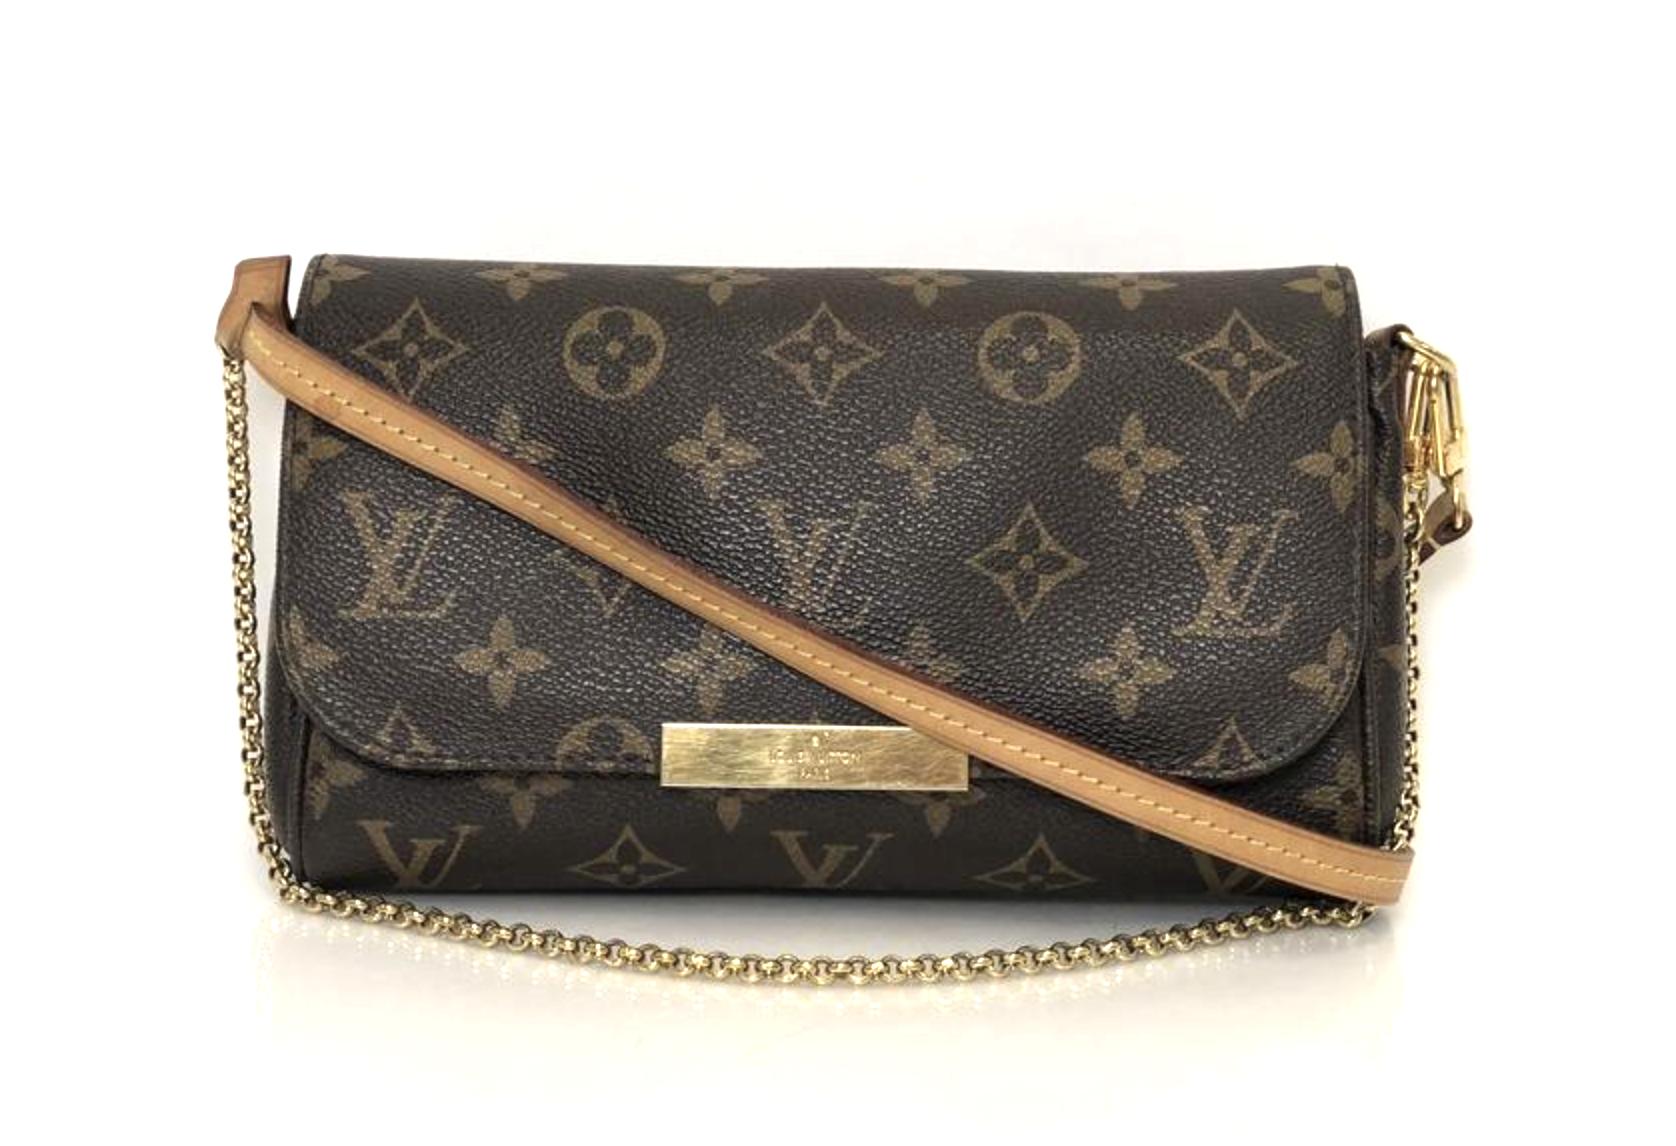 688fc6d596c Louis Vuitton Monogram Favorite PM Shoulder Bag